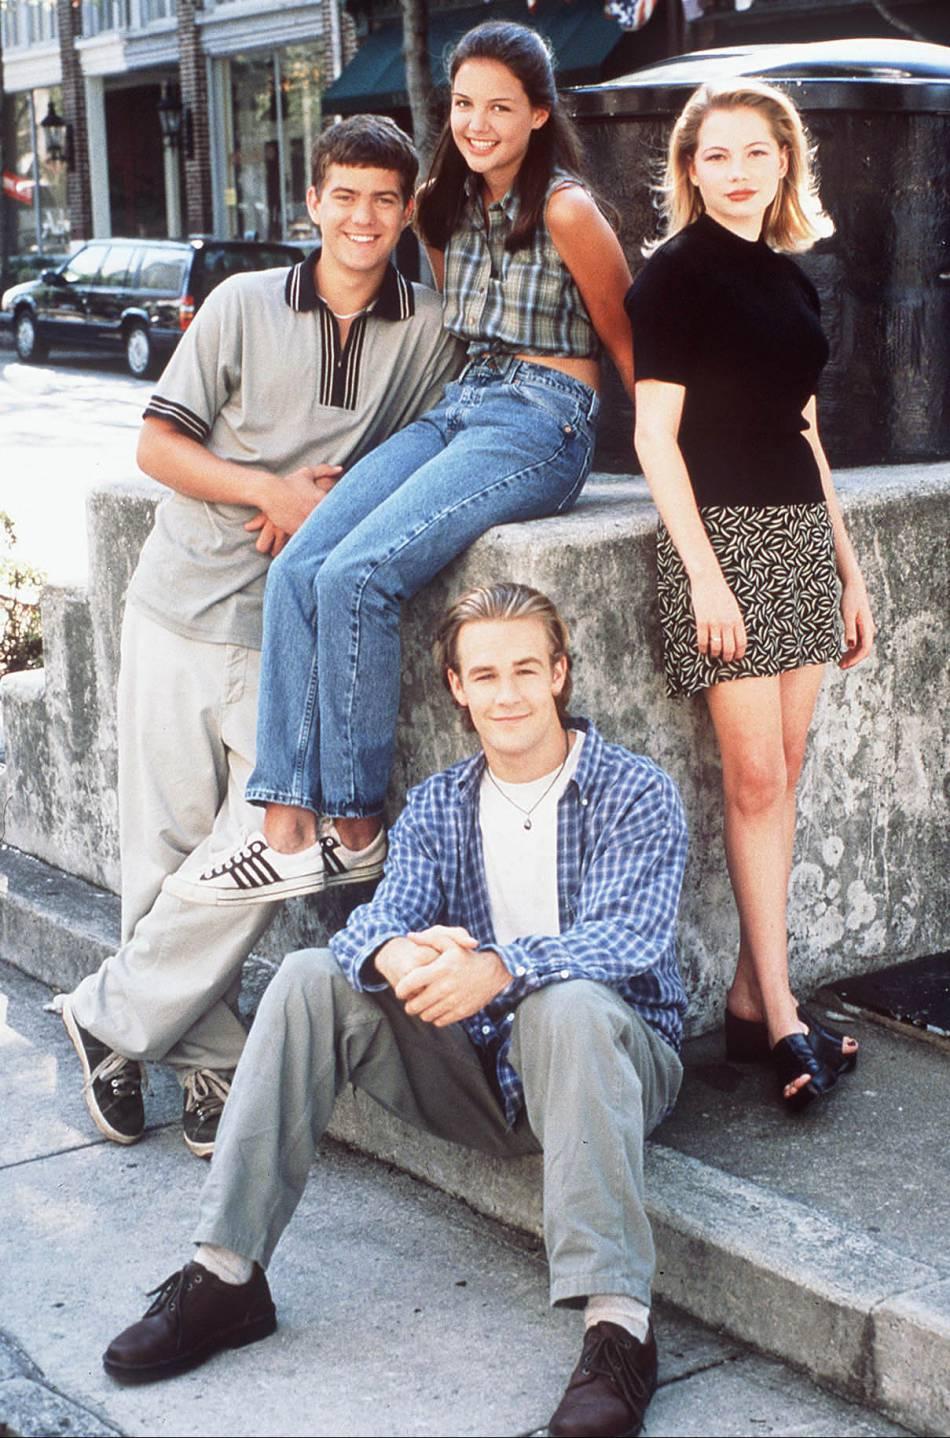 """Après le succès de la série """"Dawson"""", James Van Der Beek a confié avoir été """" difficile  """"et qu'il """" calculait ce que chaque projet pouvait apporter à [sa] carrière et [son] imag e""""."""